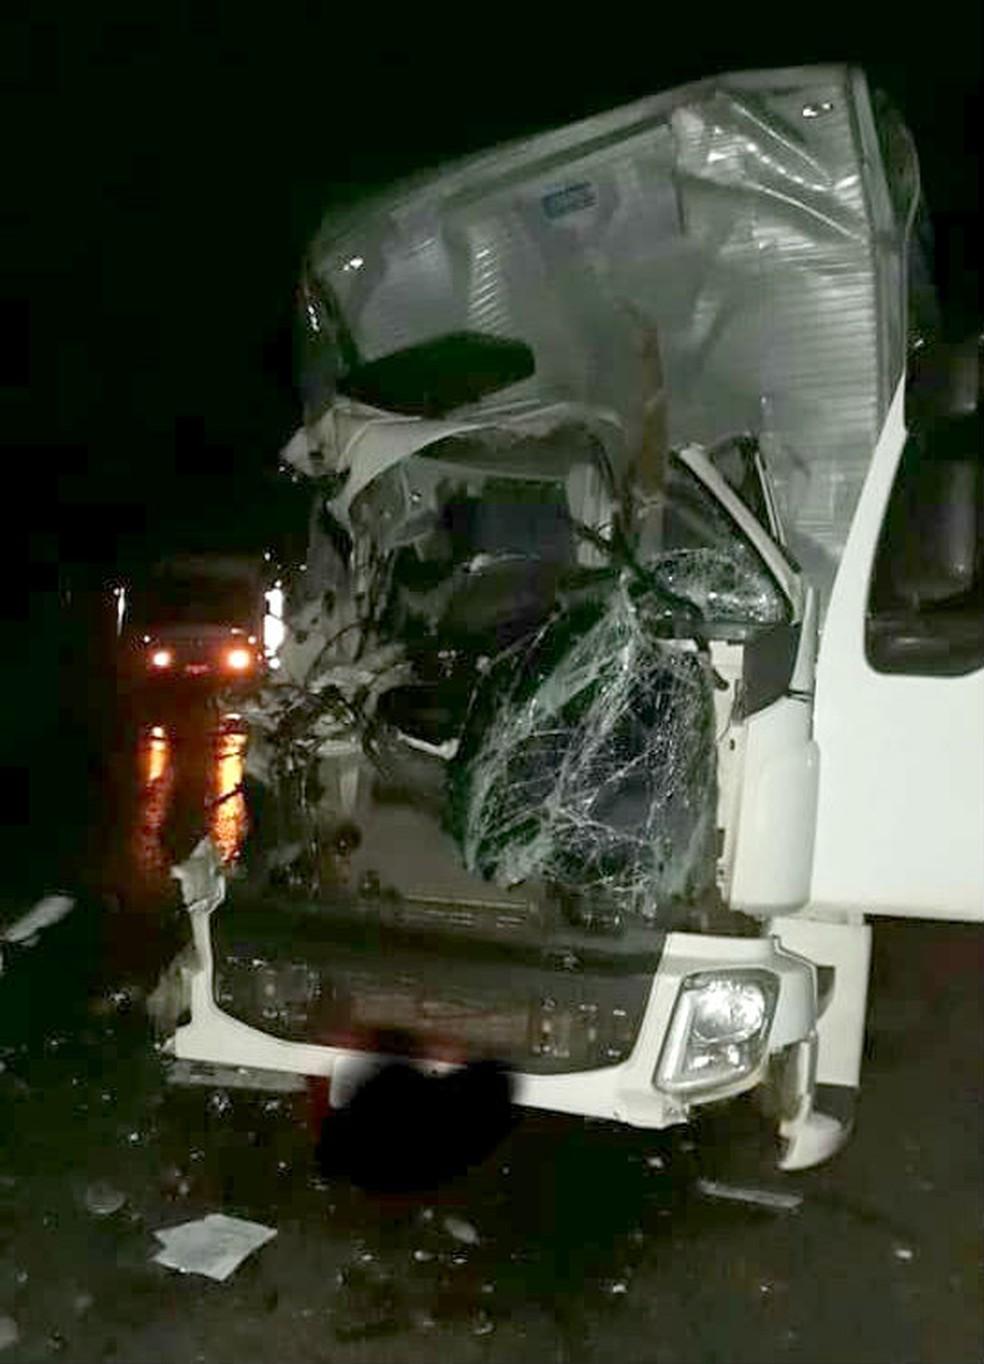 Cabine do caminhão onde estava o jovem no banco do passageiro ficou destruída — Foto: Valdecir Luis de Sousa/Divulgação